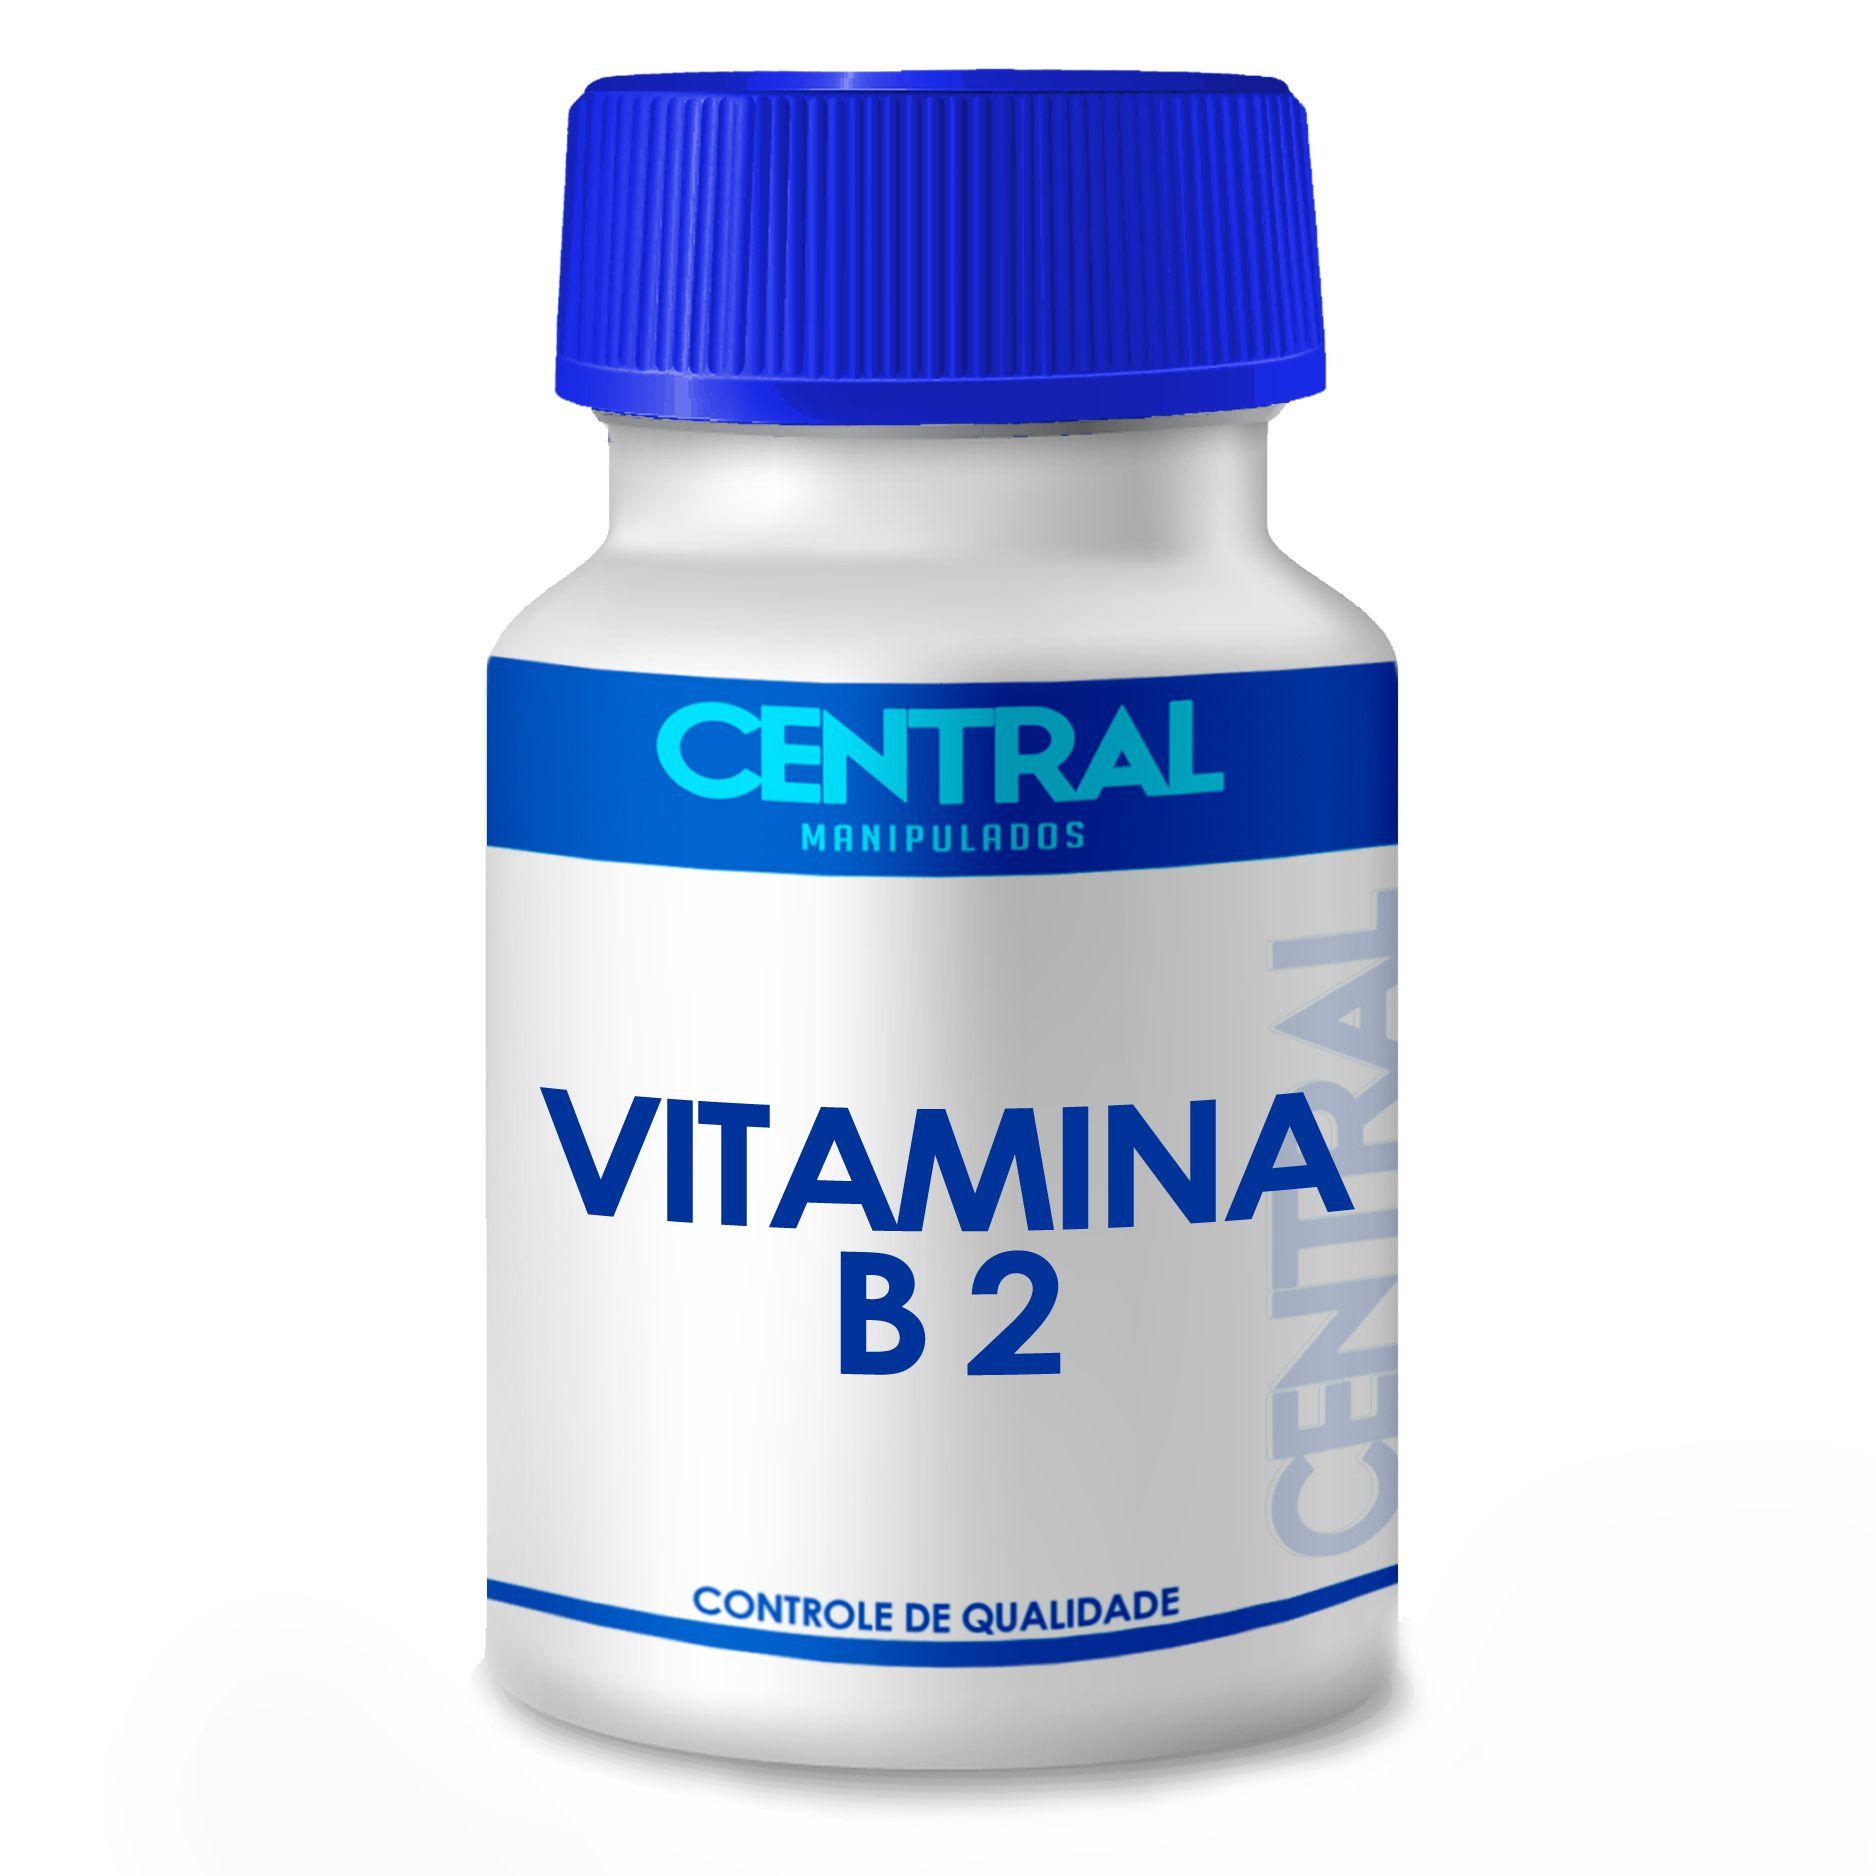 Vitamina B2 - Riboflavina - Indicada nos esportes de alta performance, na hemodiálise crônica e na inflamação crônica do intestino -100mg  - 60 cápsulas